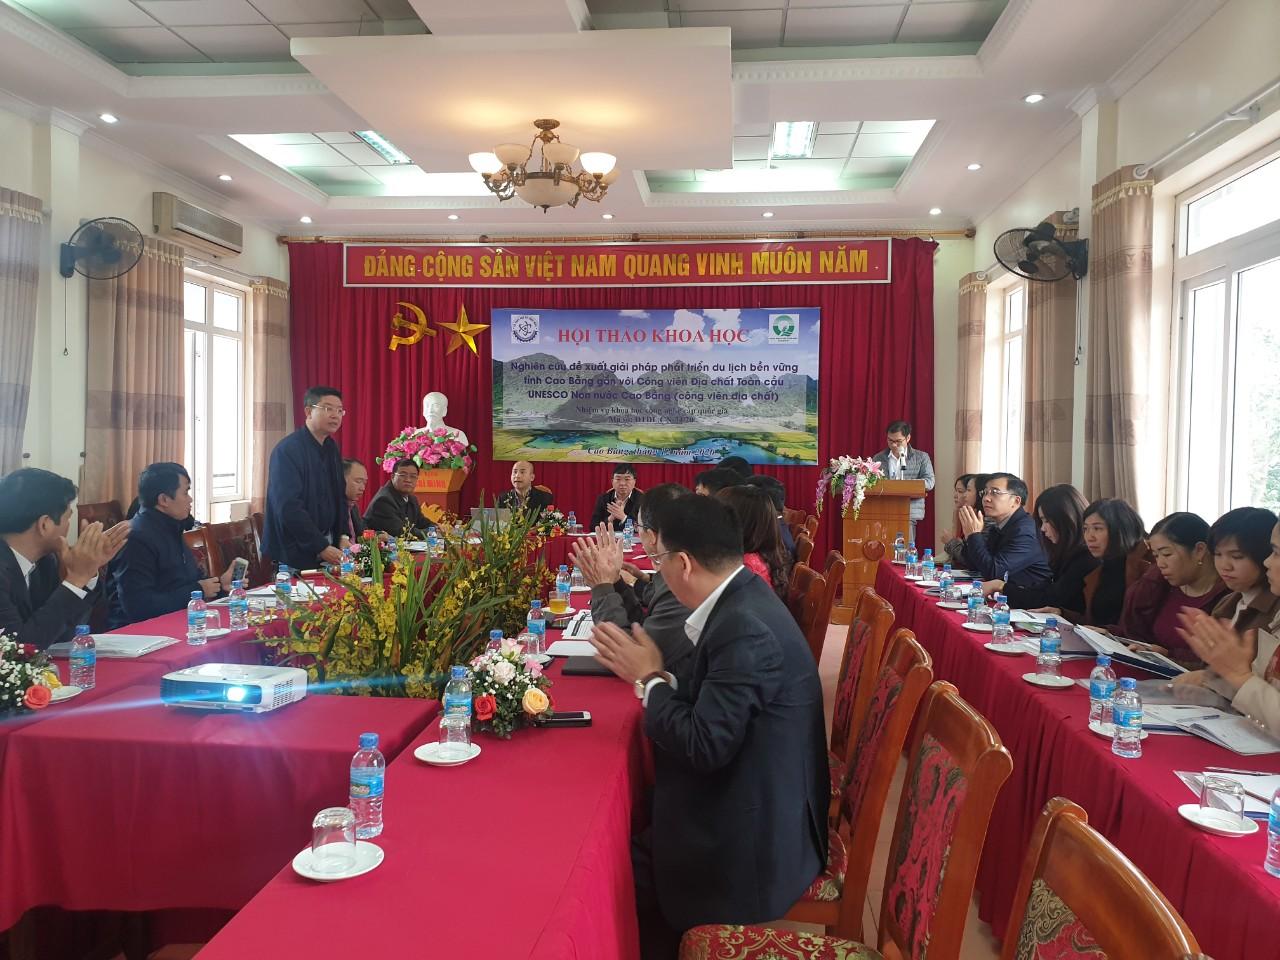 Hội thảo khoa học: Nghiên cứu đề xuất giải pháp phát triển du lịch bền vững tỉnh Cao Bằng gắn với Công viên địa chất toàn cầu UNESCO Non nước Cao Bằng